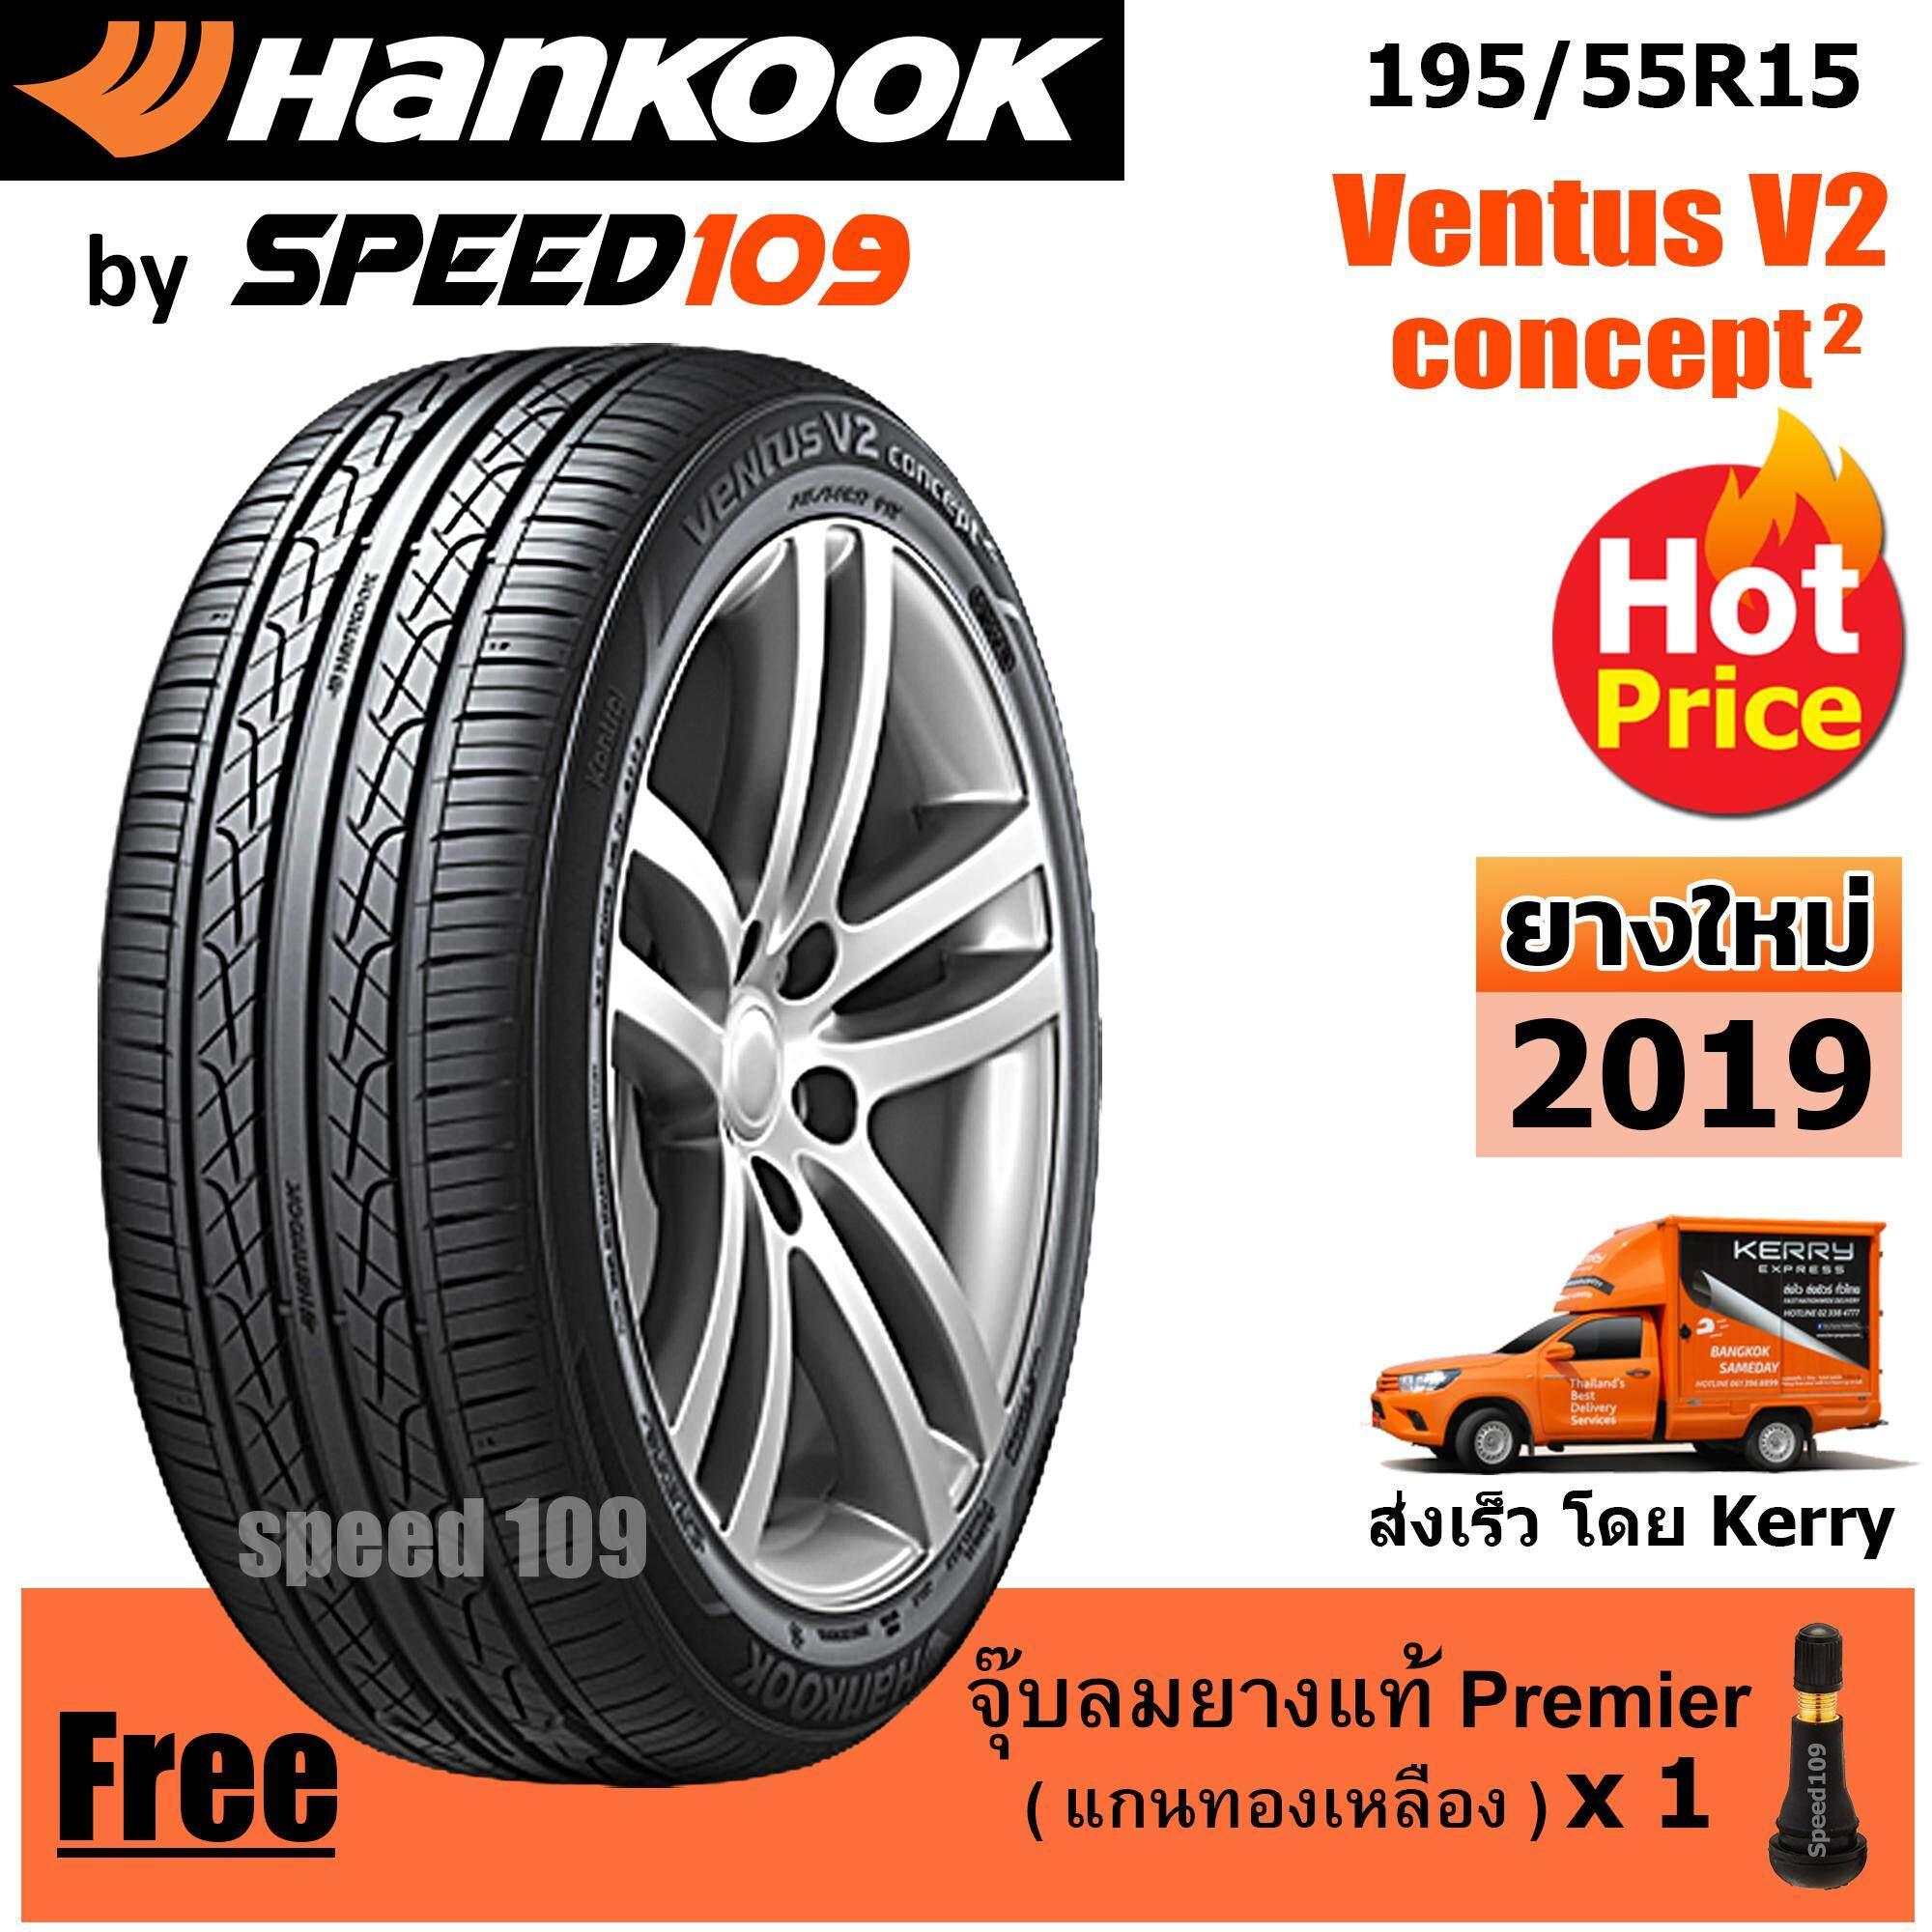 ประกันภัย รถยนต์ ชั้น 3 ราคา ถูก สุโขทัย HANKOOK ยางรถยนต์ ขอบ 15 ขนาด 195/55R15 รุ่น Ventus V2 Concept2 - 1 เส้น (ปี 2019)